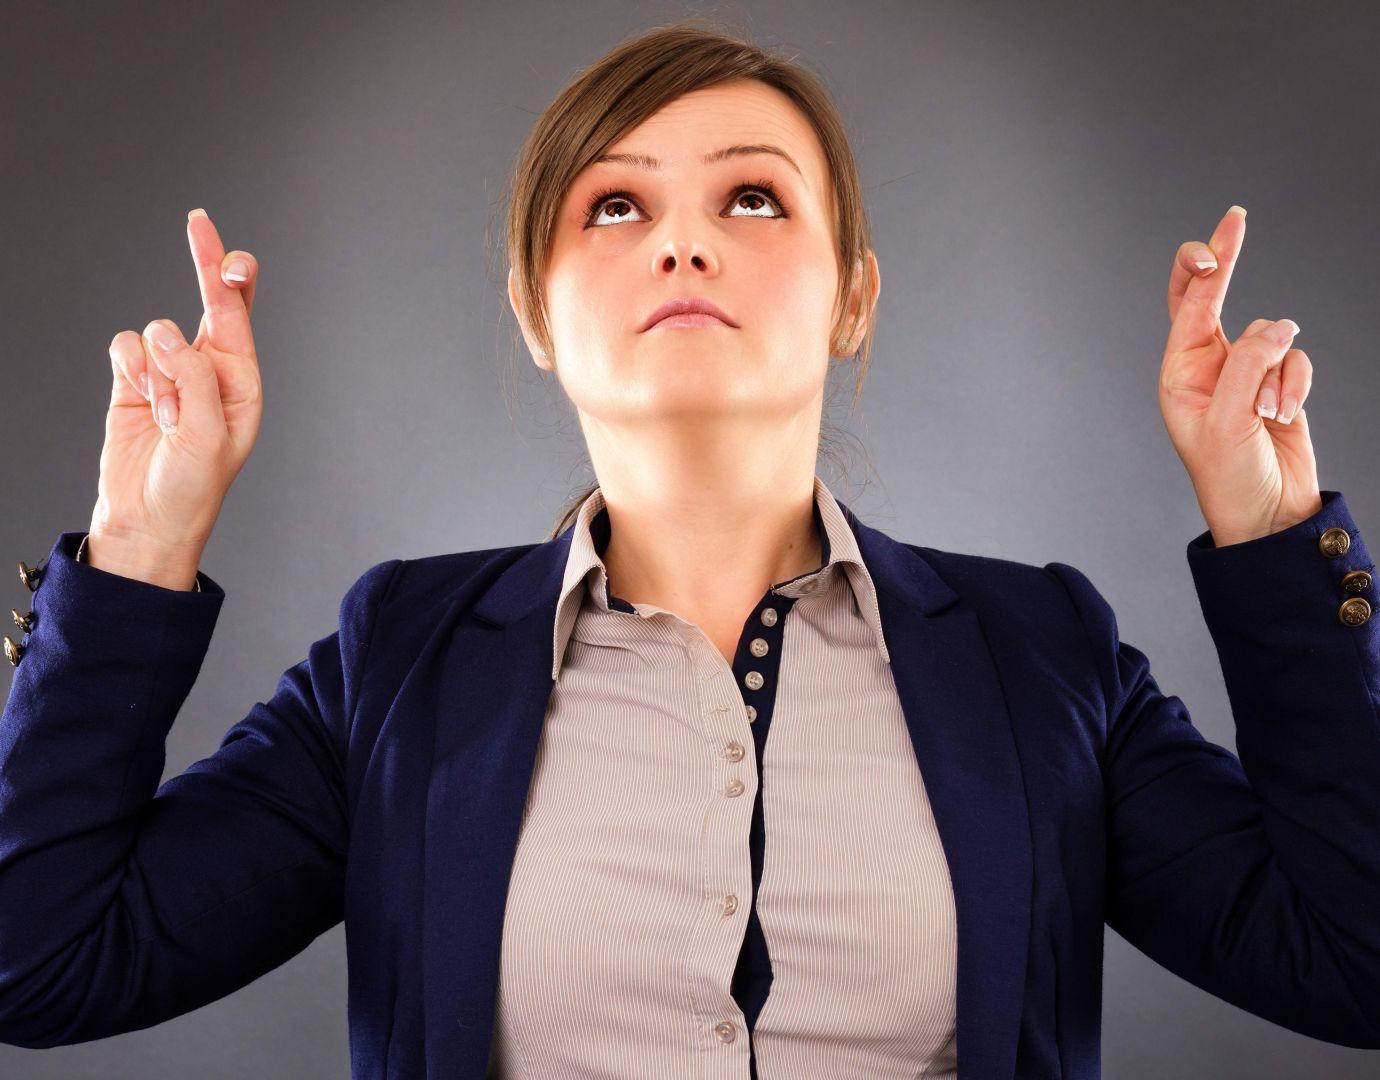 Как провести собеседование при приеме на работу главного бухгалтера вопросы